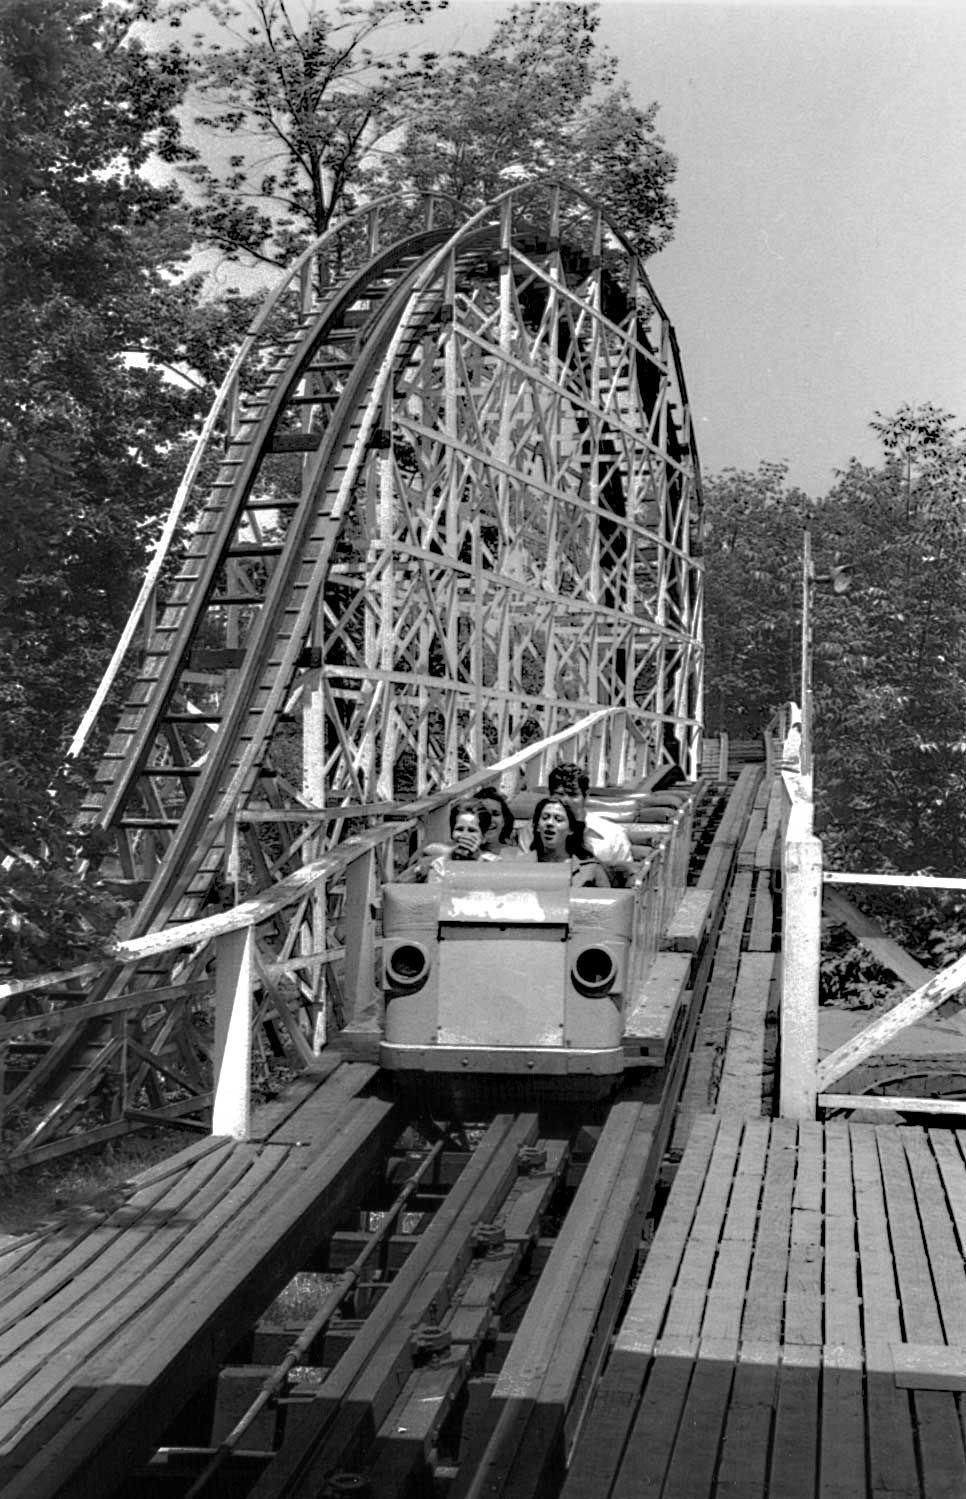 Lake lansing amusement park roller coaster in 1970s before for Marshalls cedar park